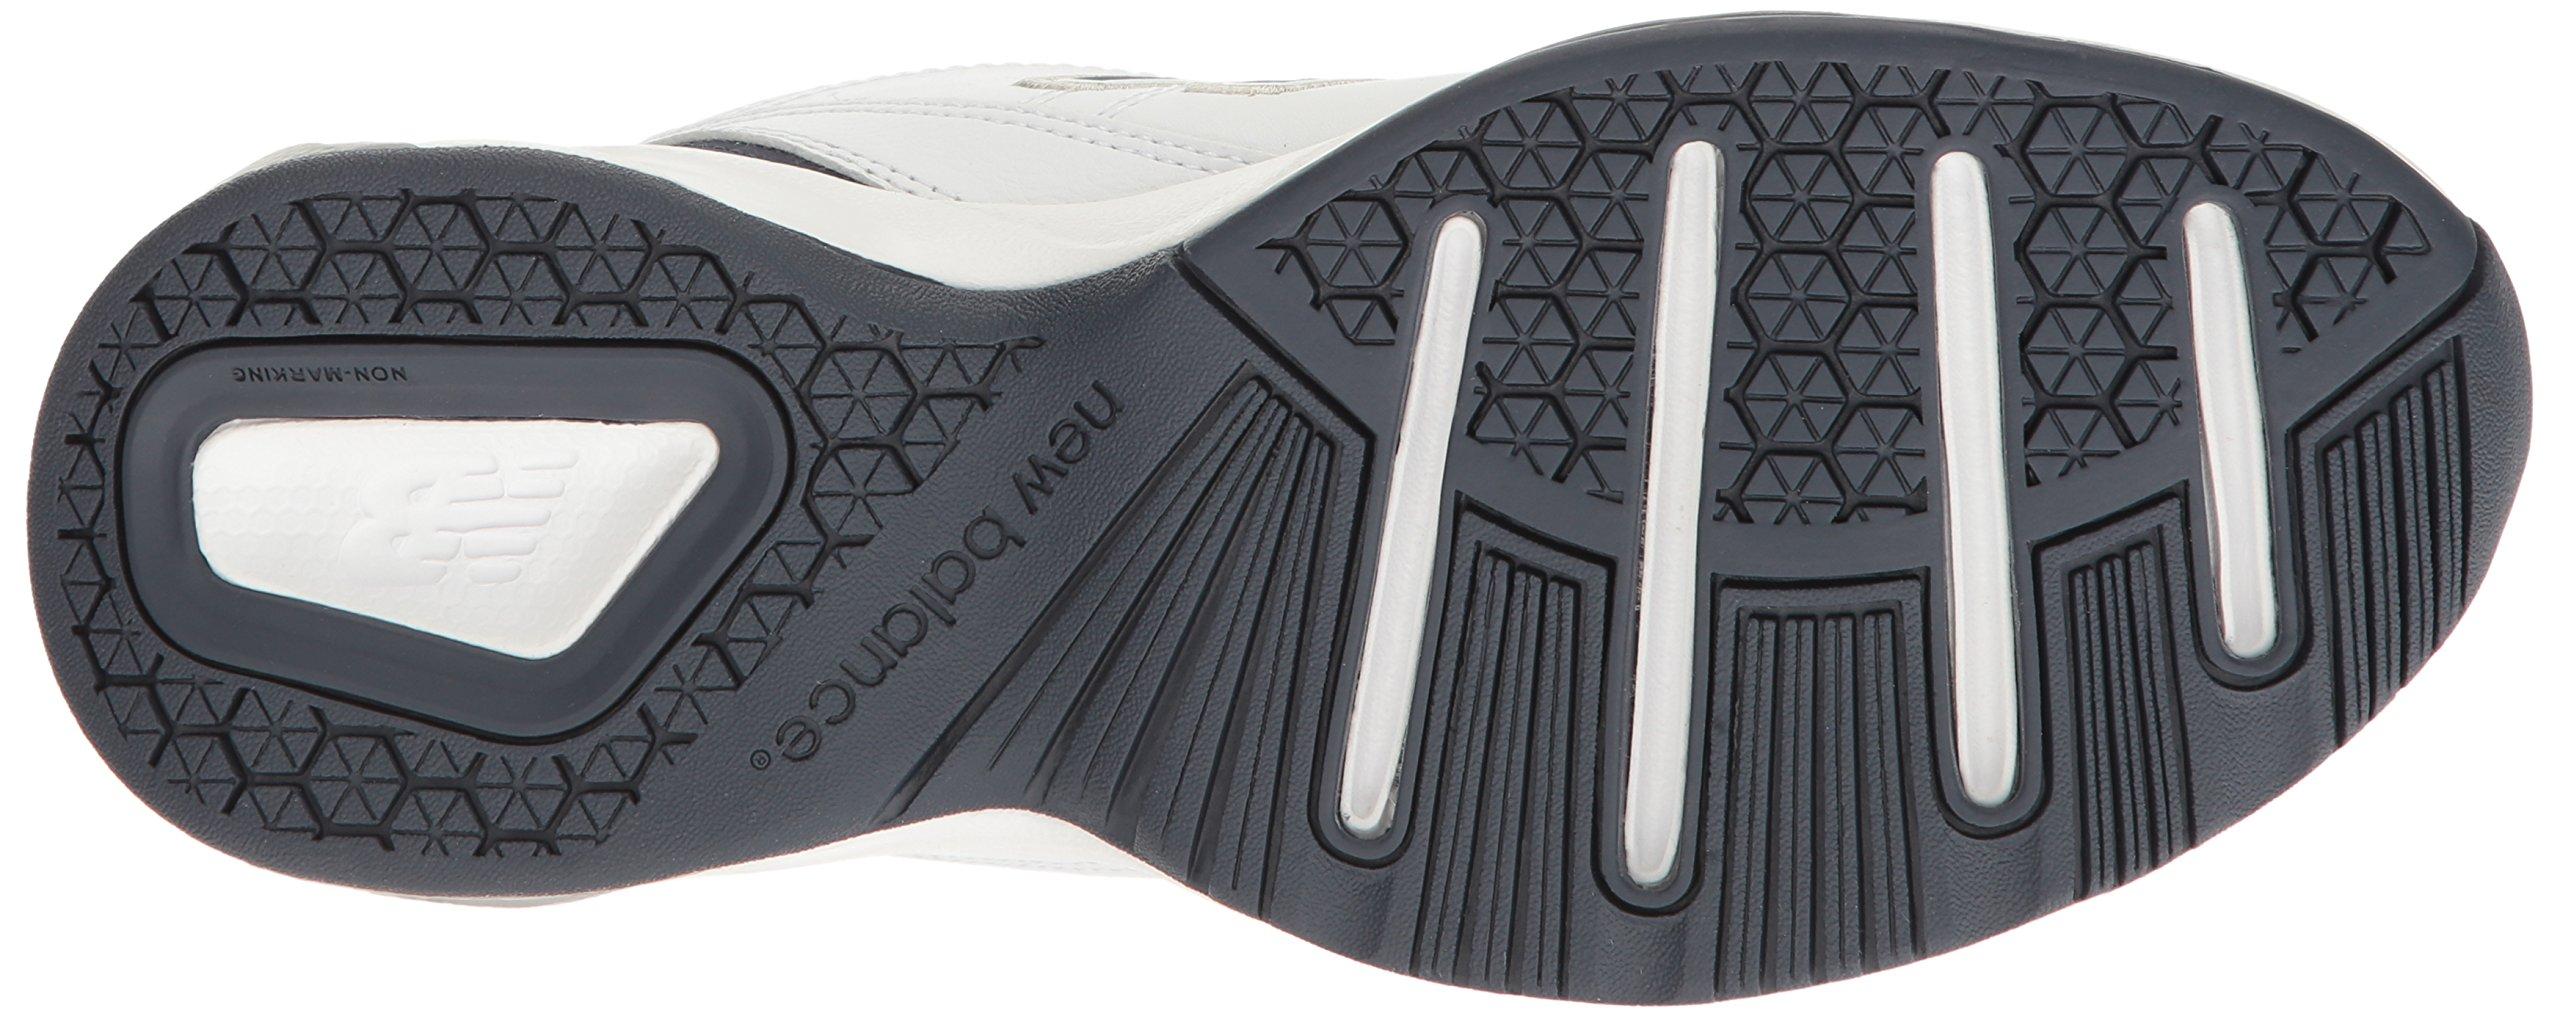 New Balance Men's MX608v4 Training Shoe, White/Navy, 7.5 4E US by New Balance (Image #3)